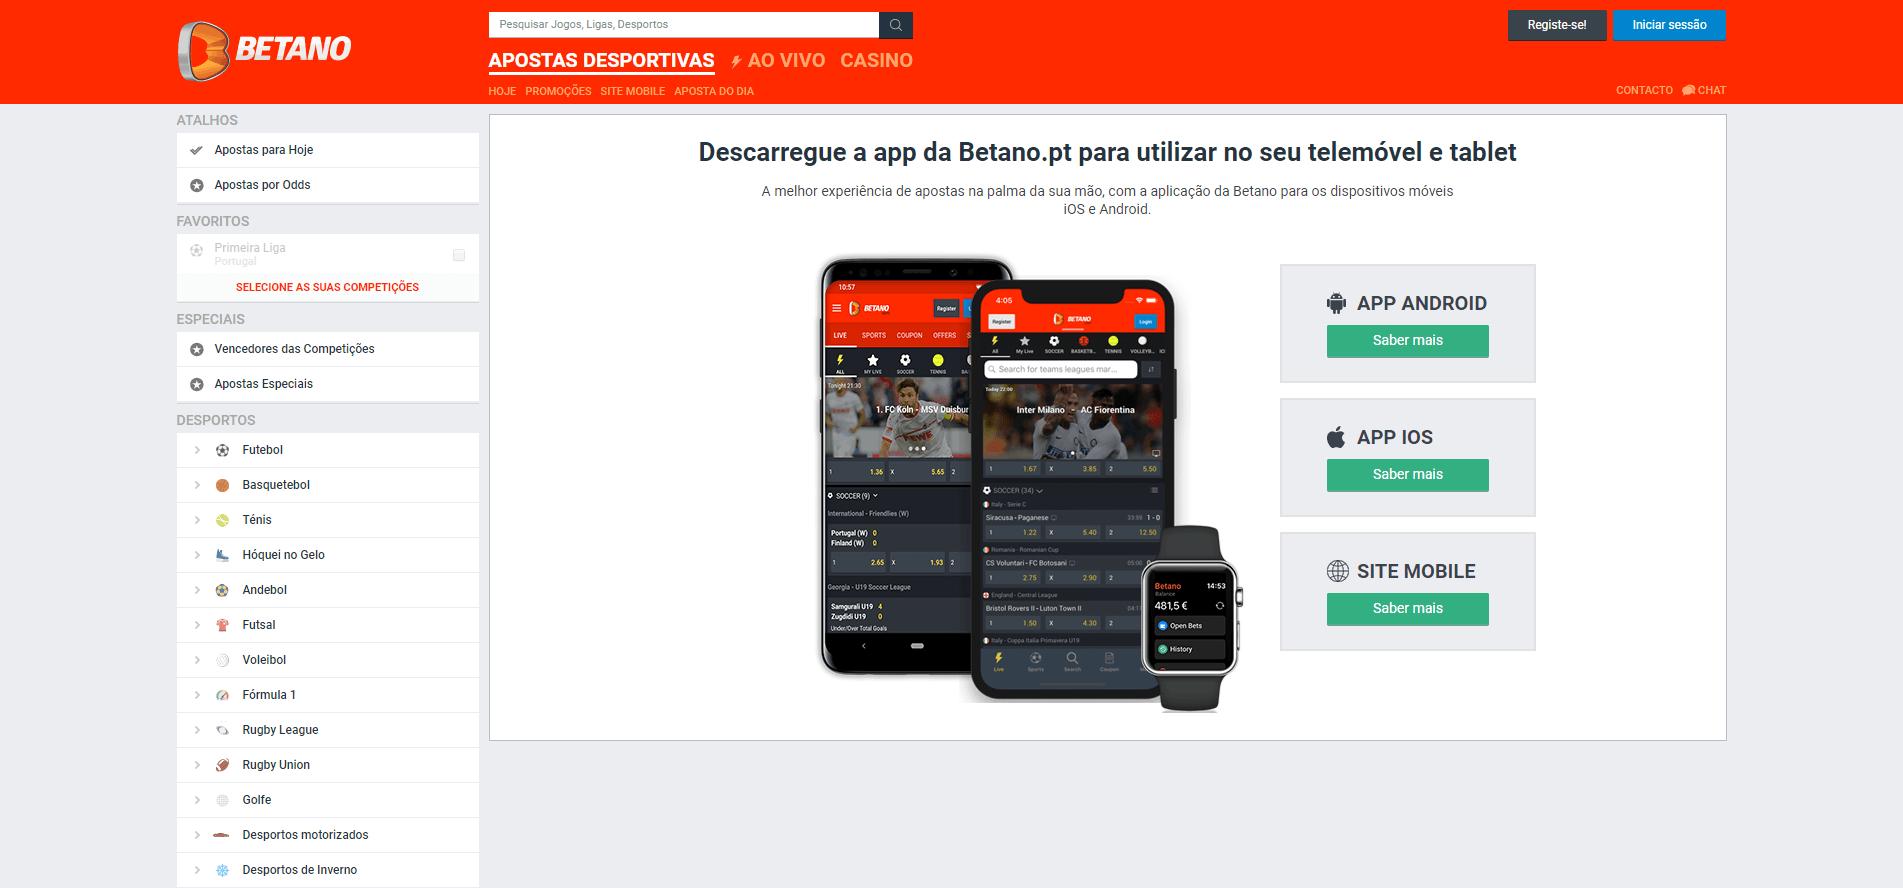 descarrega a app da Betano